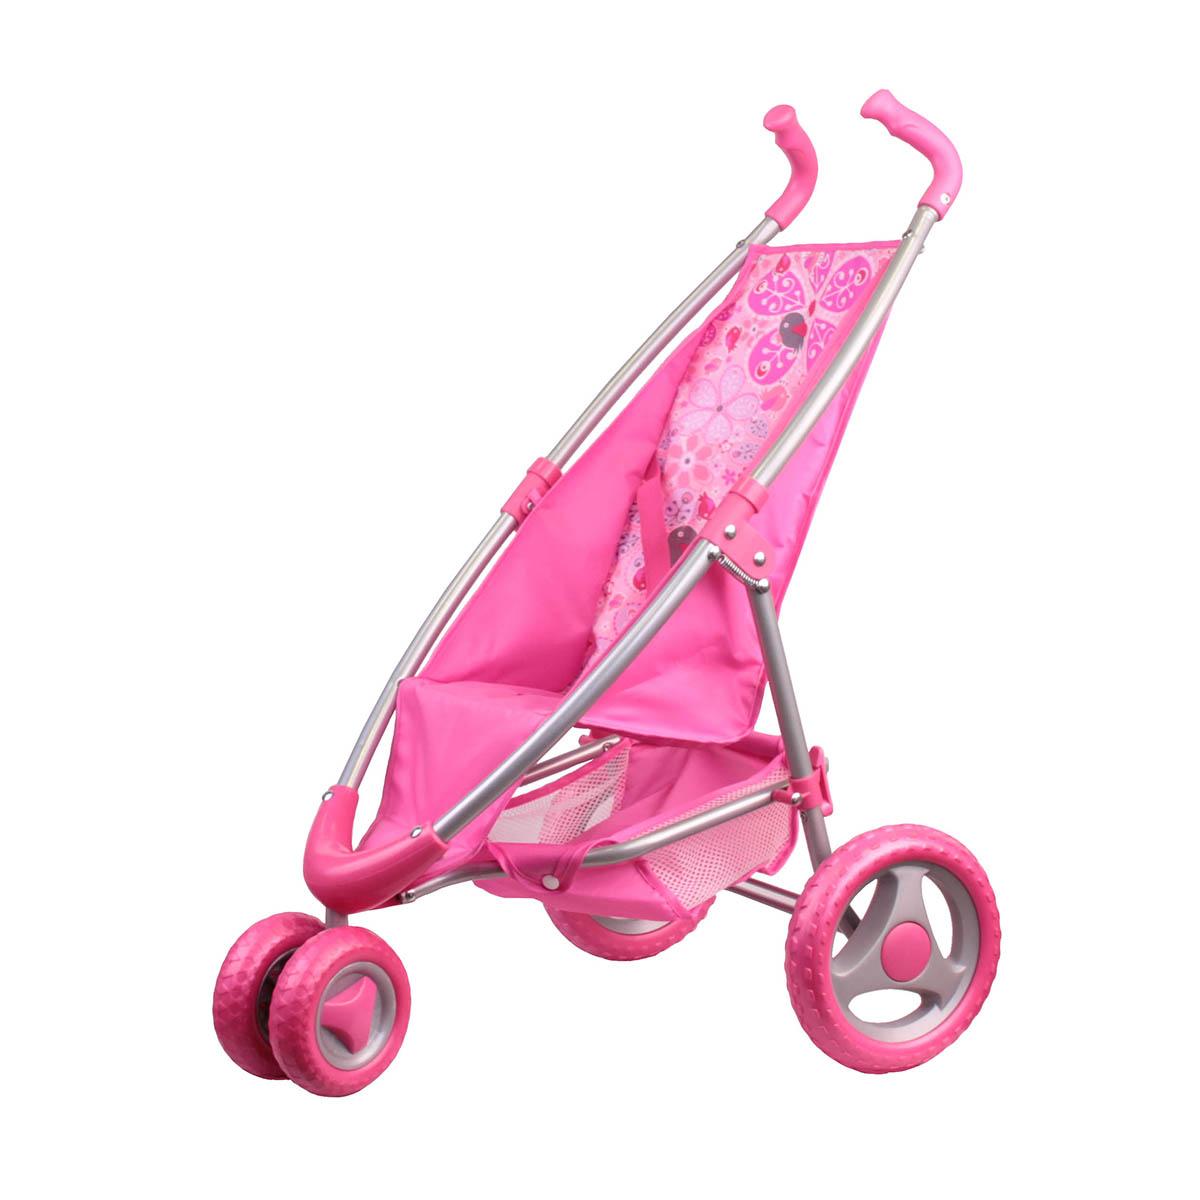 Коляска прогулочная розовая с поворотными передними колесамиКоляски для кукол<br>Коляска прогулочная розовая с поворотными передними колесами<br>